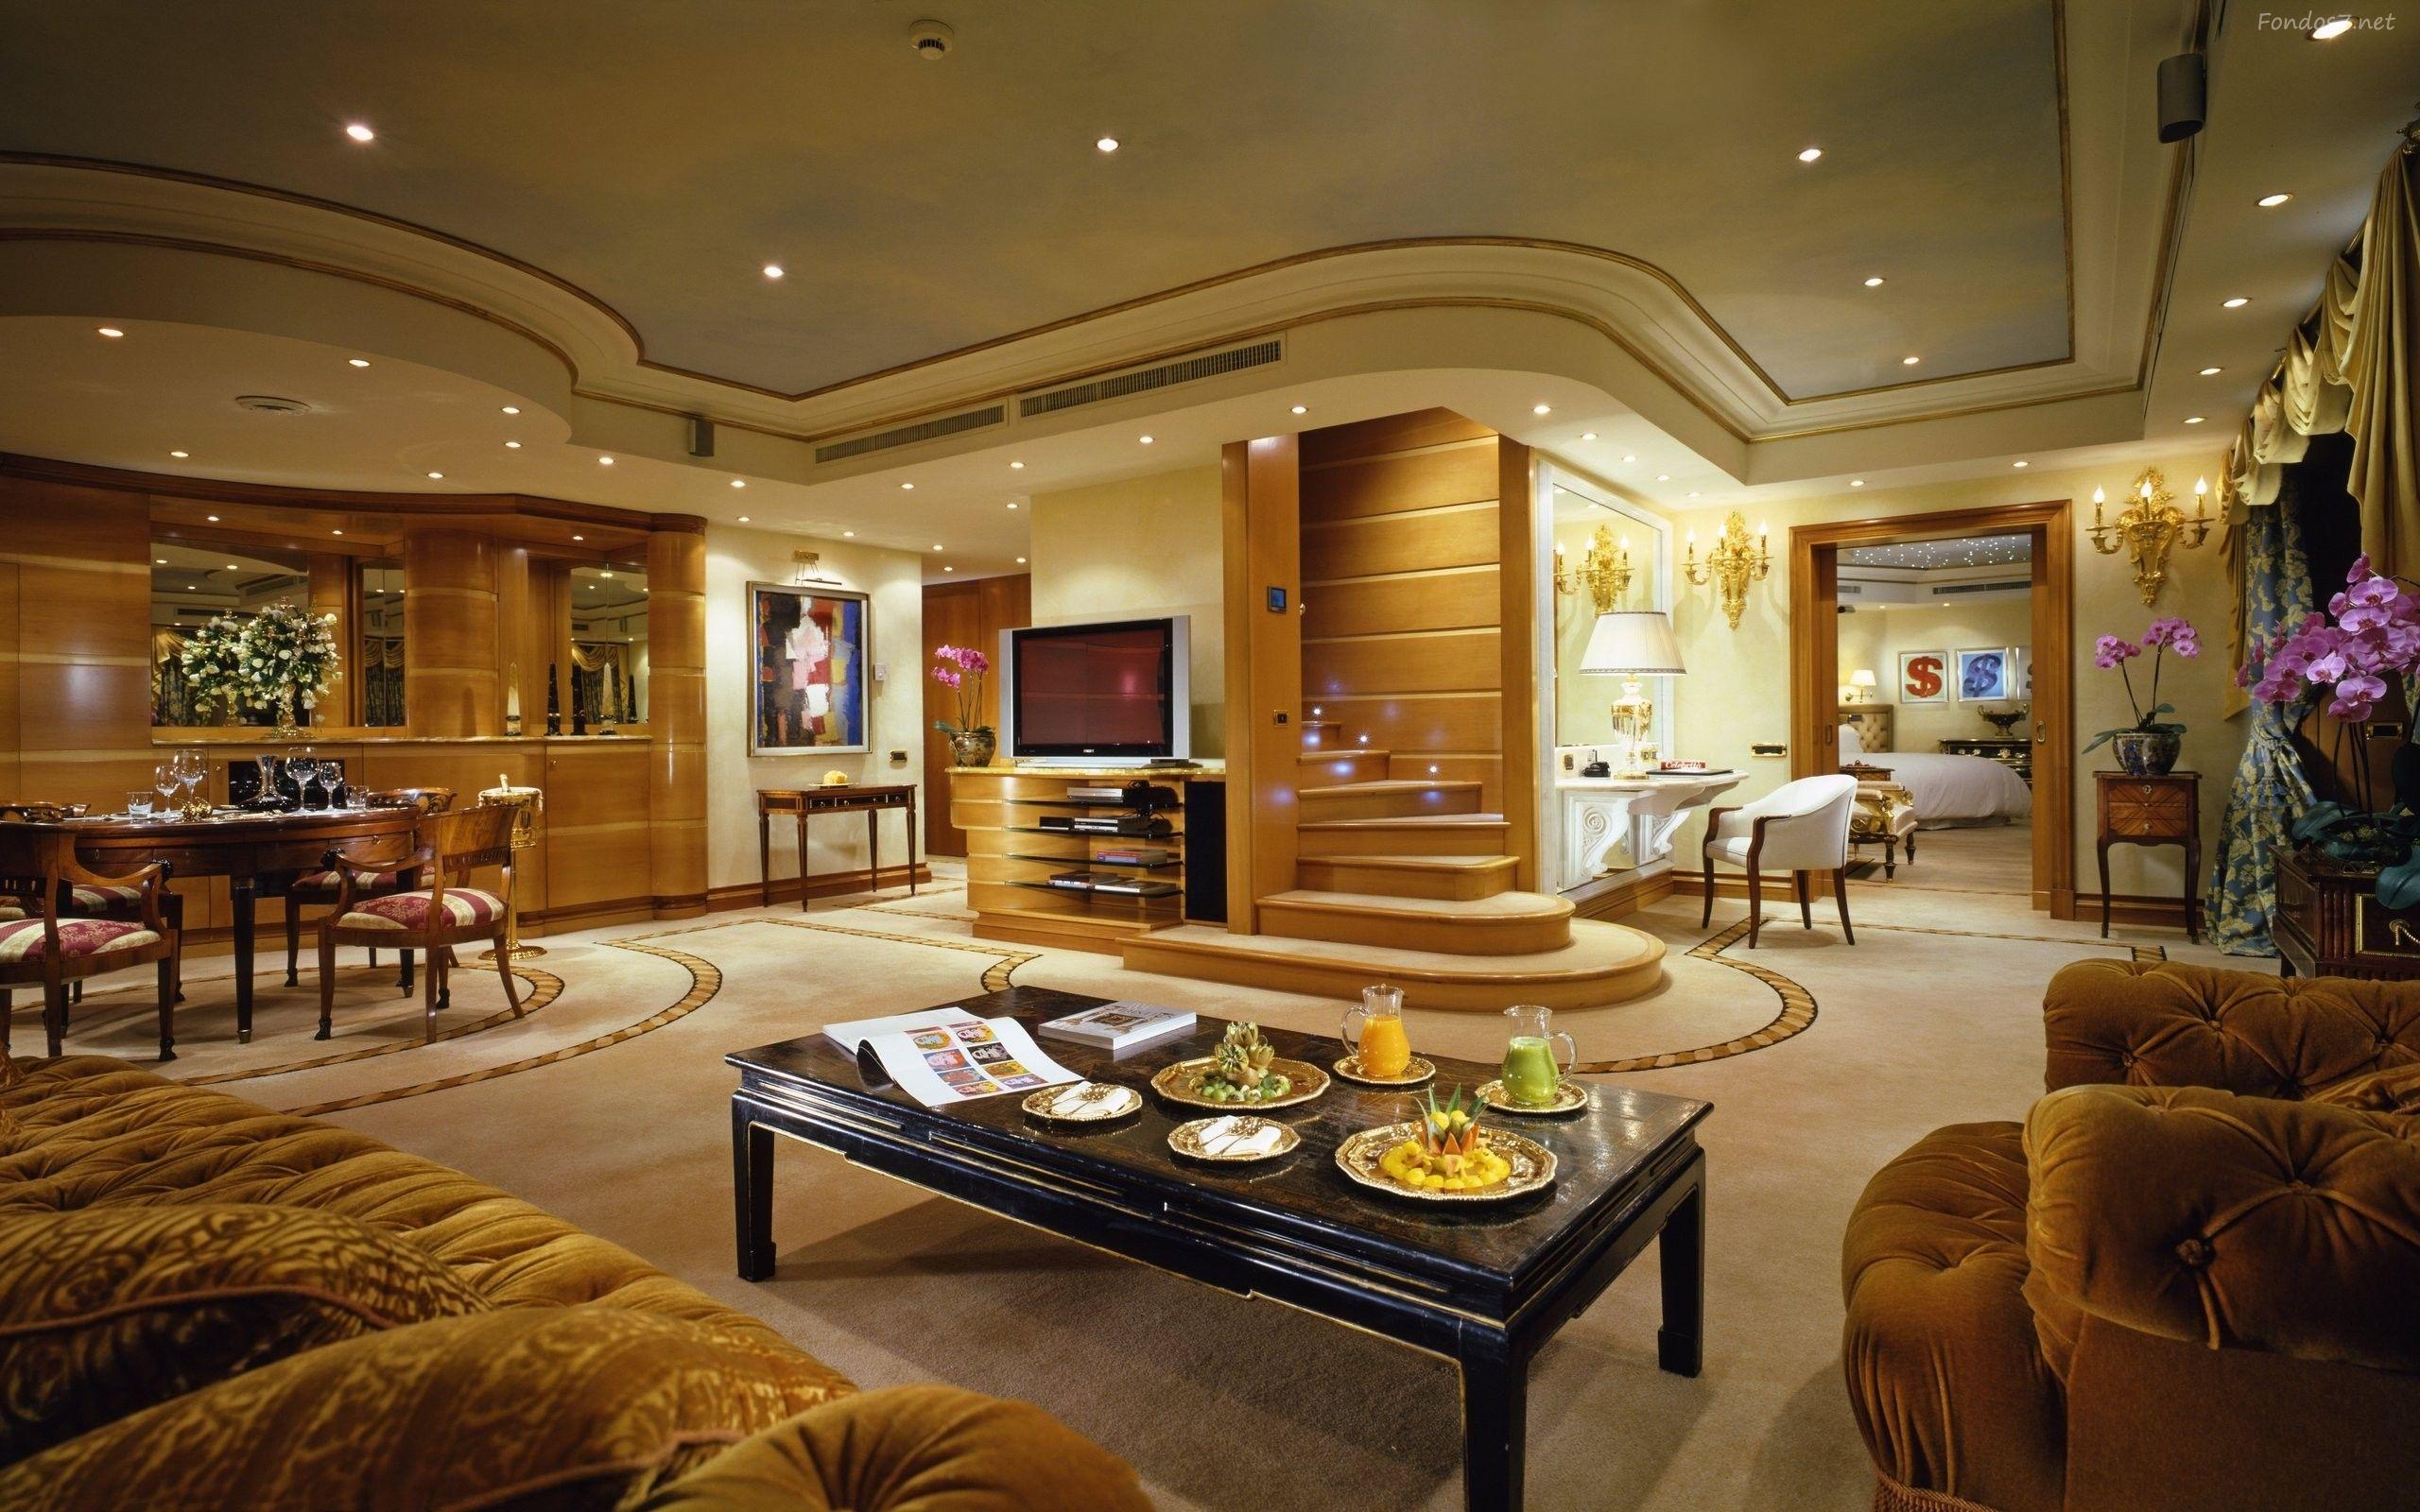 Casas lujosas por dentro buscar con google wonung - Casas de lujo por dentro ...